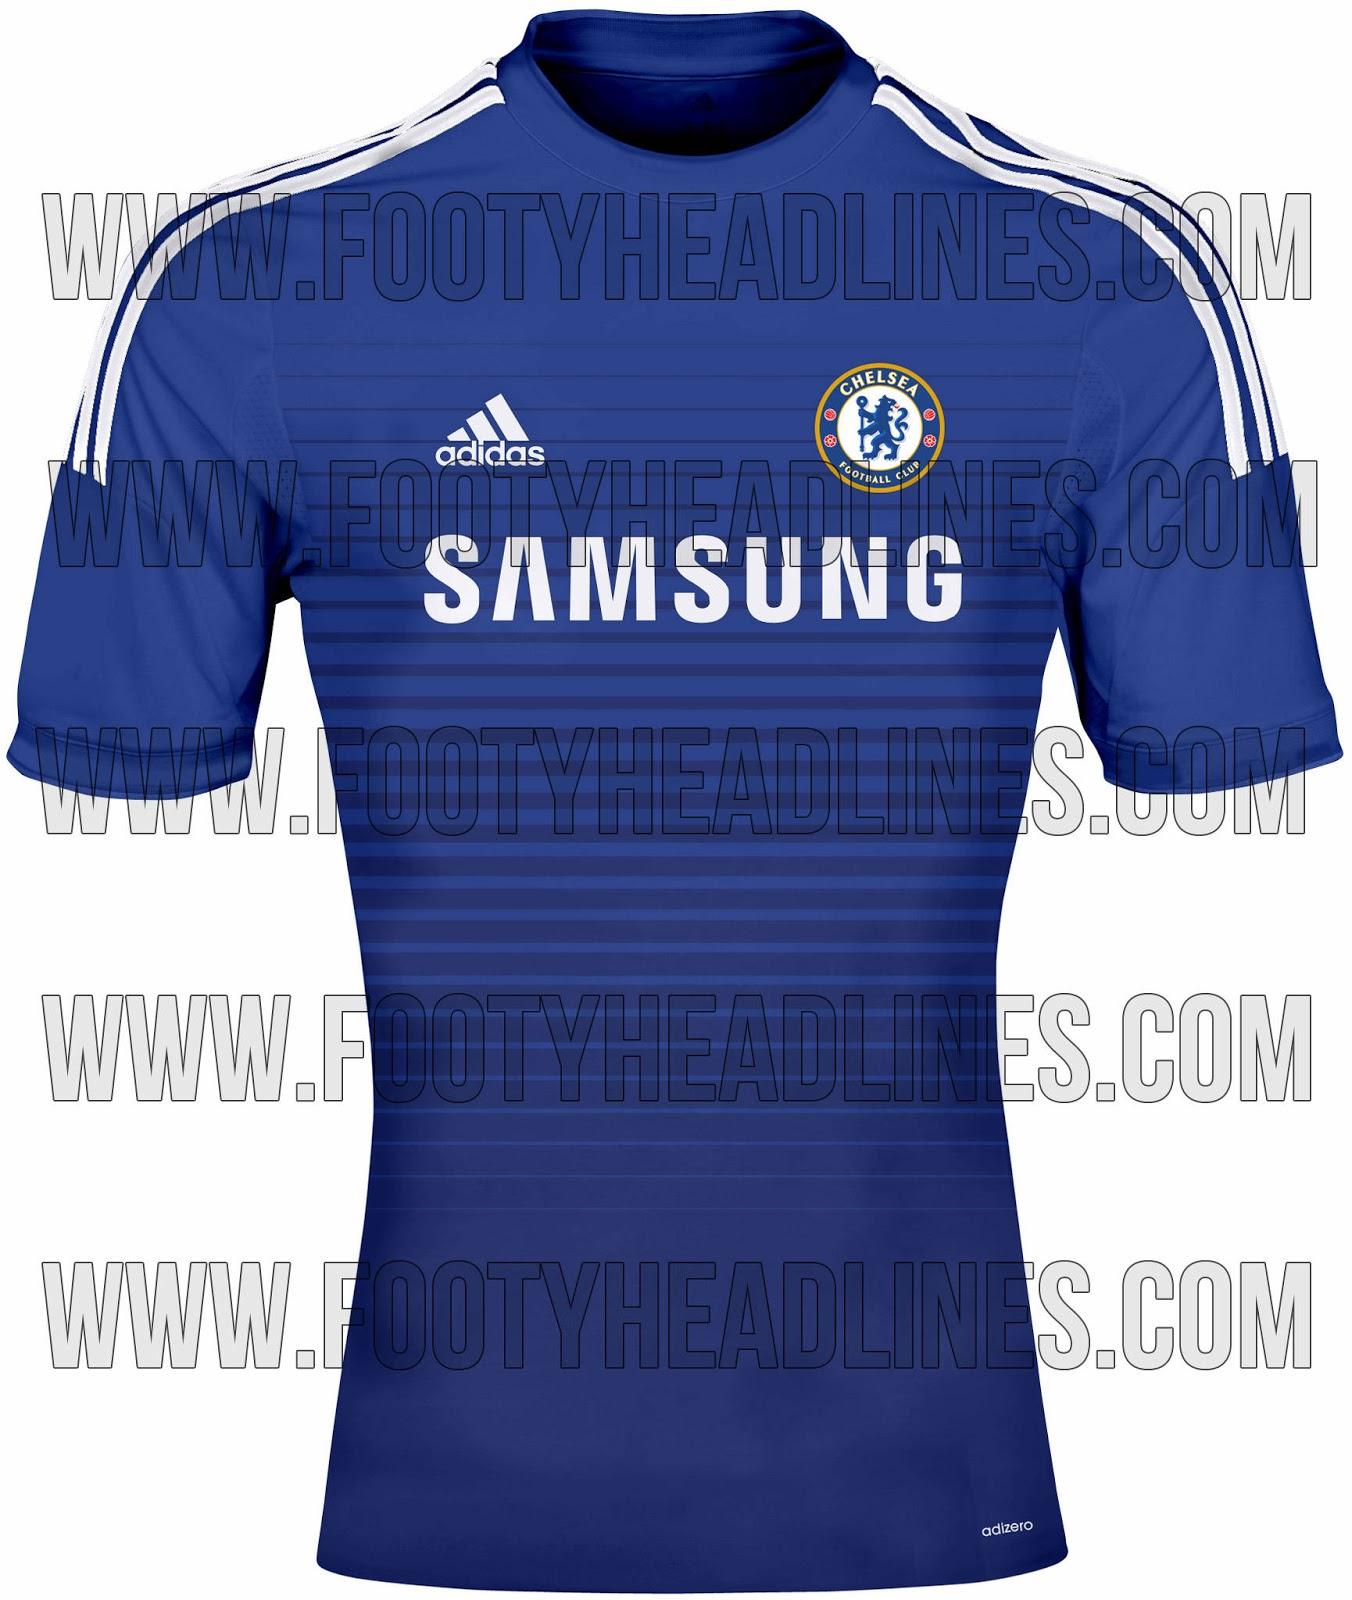 Chelsea 2014 15 Away Kit